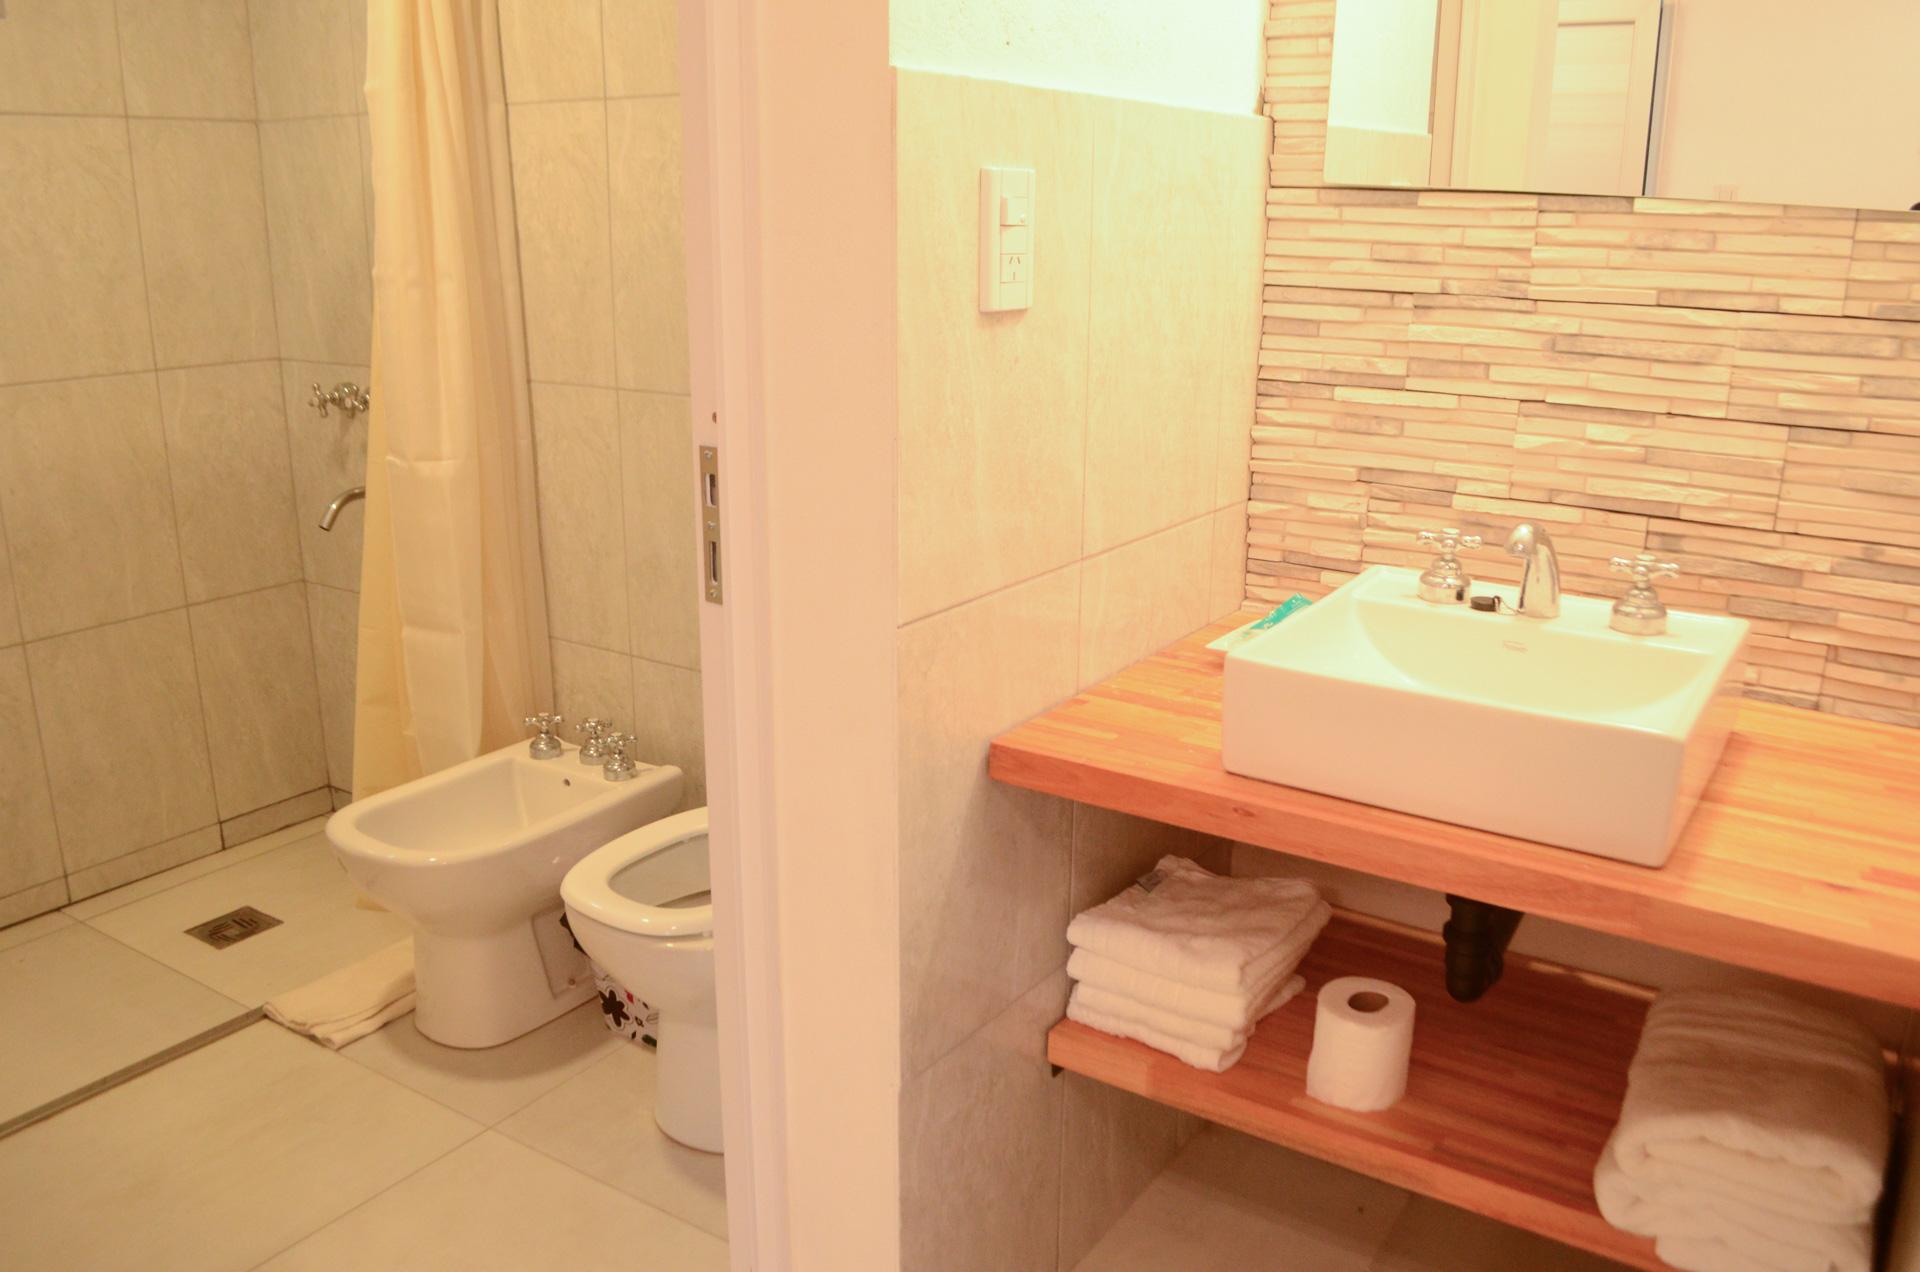 Banitori_bano_hotel_Villa_General_Belgrano_Los_Condores_aparts1